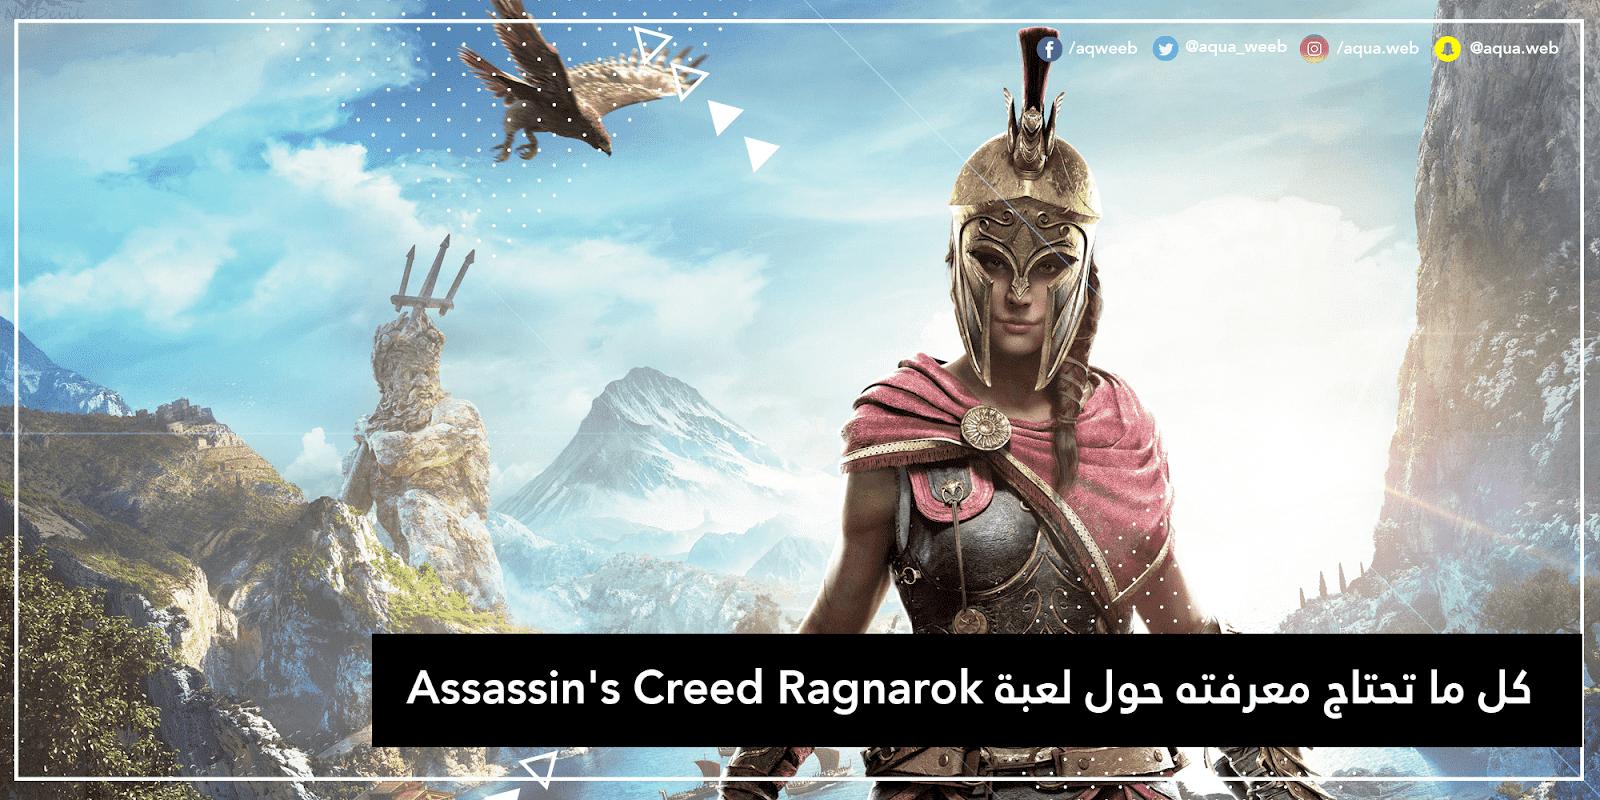 كل ما تحتاج معرفته حول لعبة Assassin's Creed Valhalla